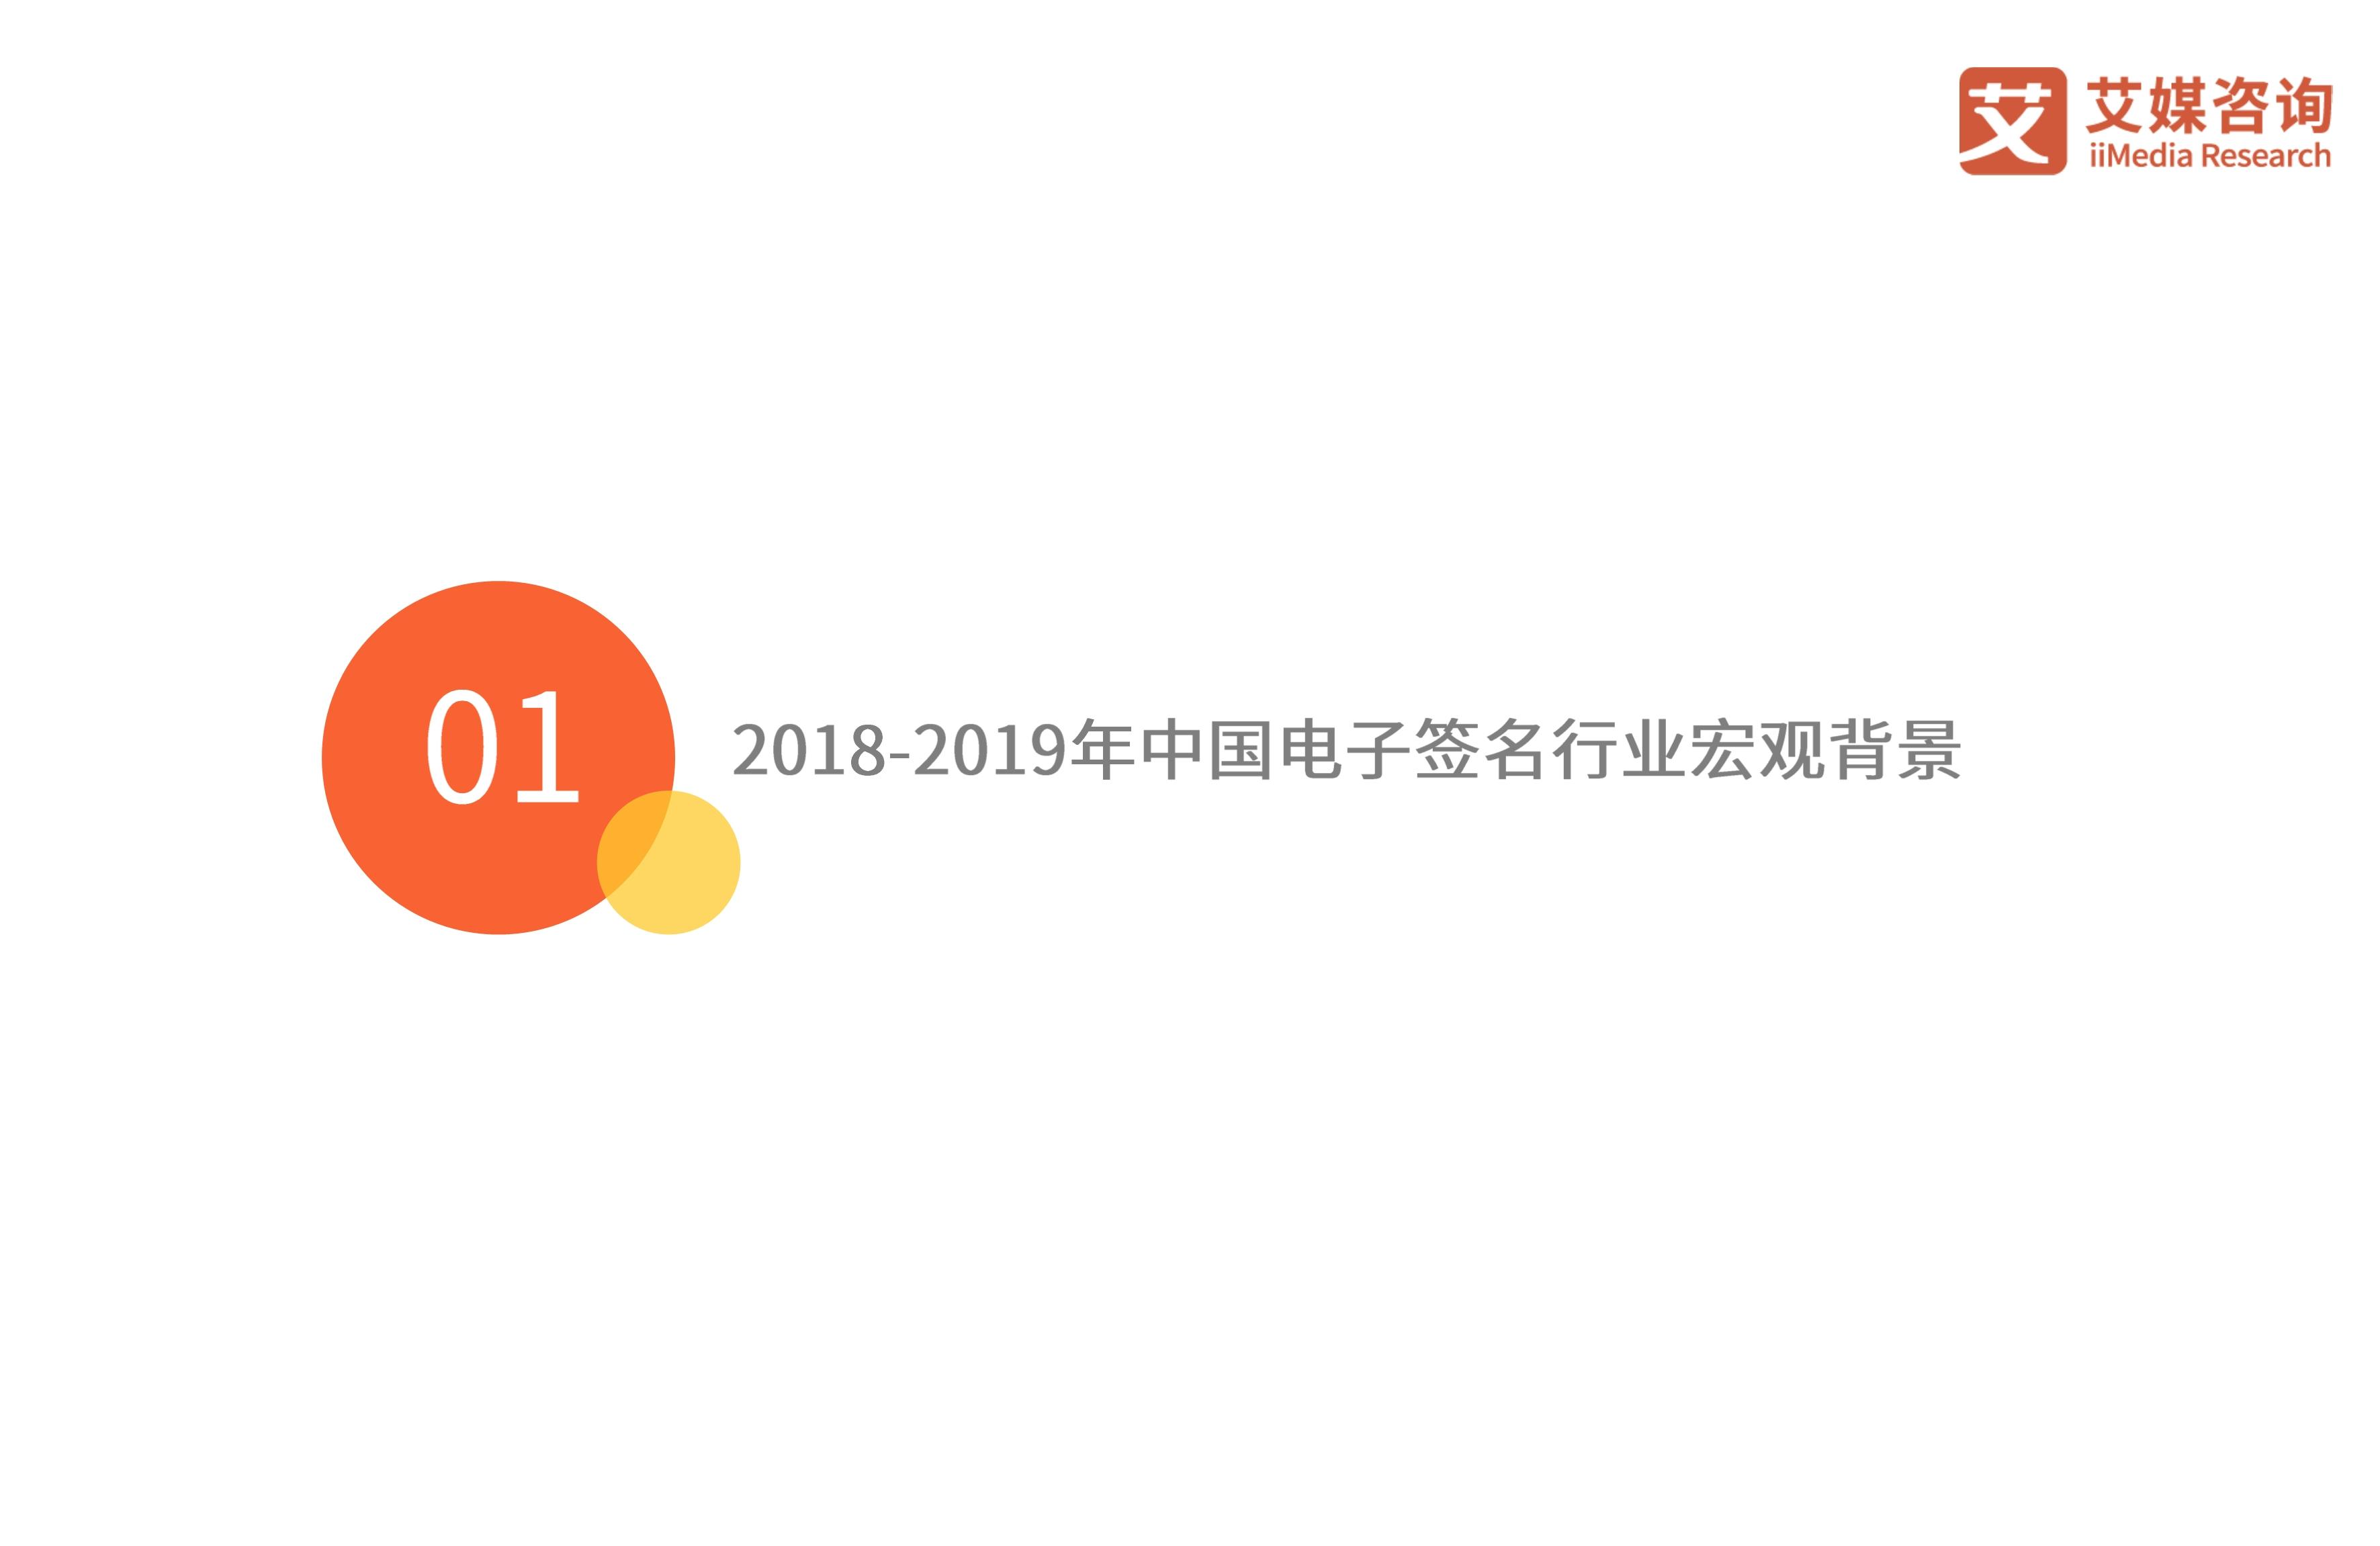 2019中国电子签名安全专题研究报告